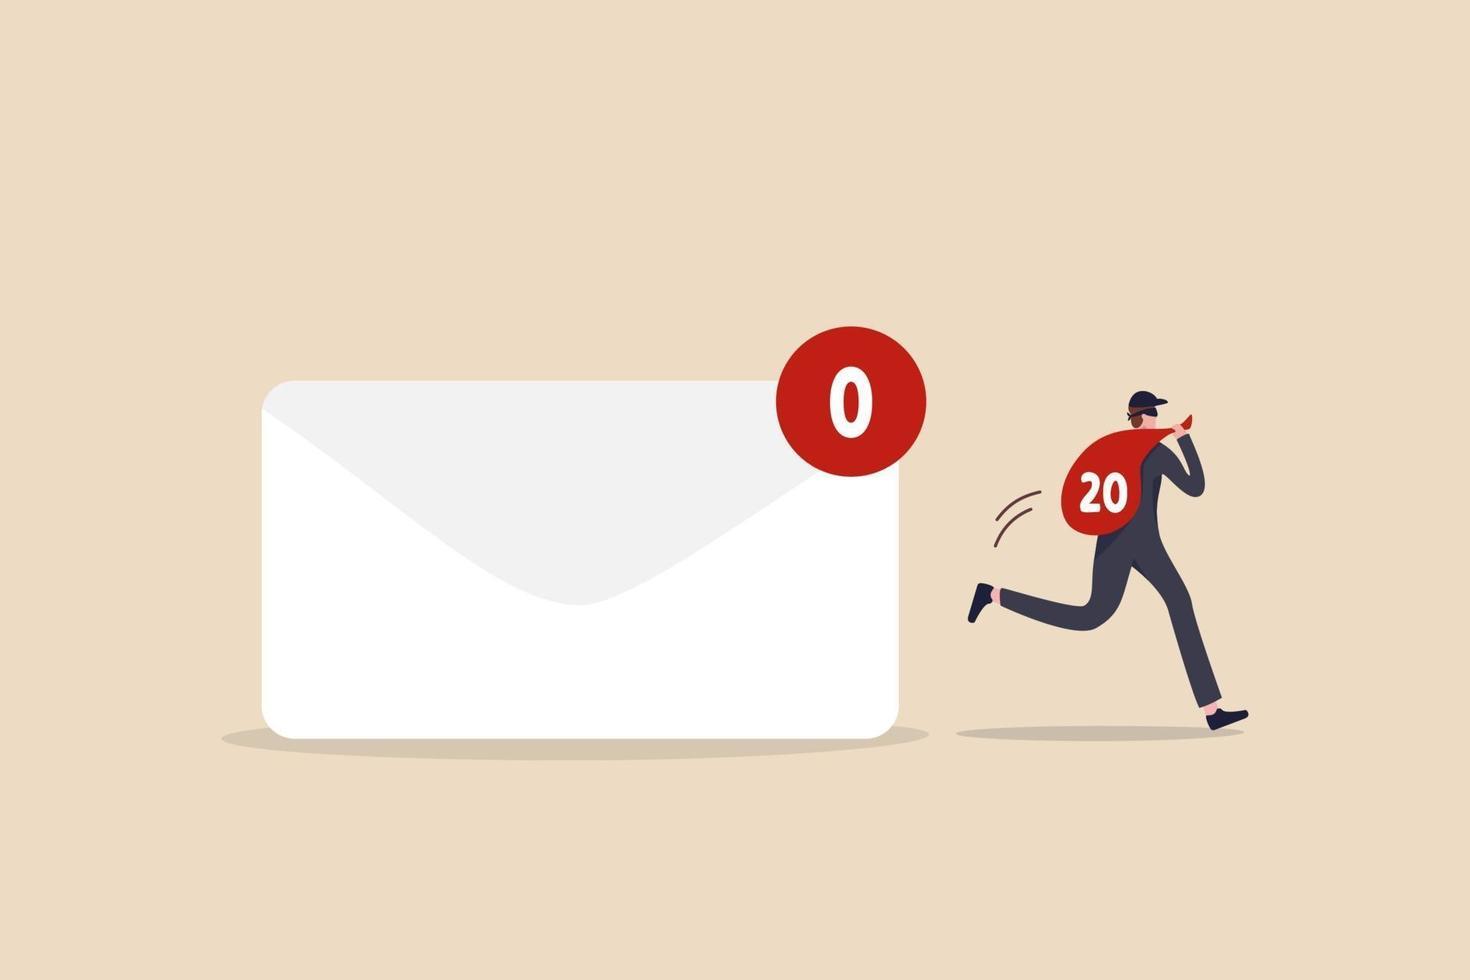 dataskydd, personlig e-post konfidentiell, tjuv, cyberhacker eller e-postleverantör visar reklam baserat på insiderinformationskoncept vektor